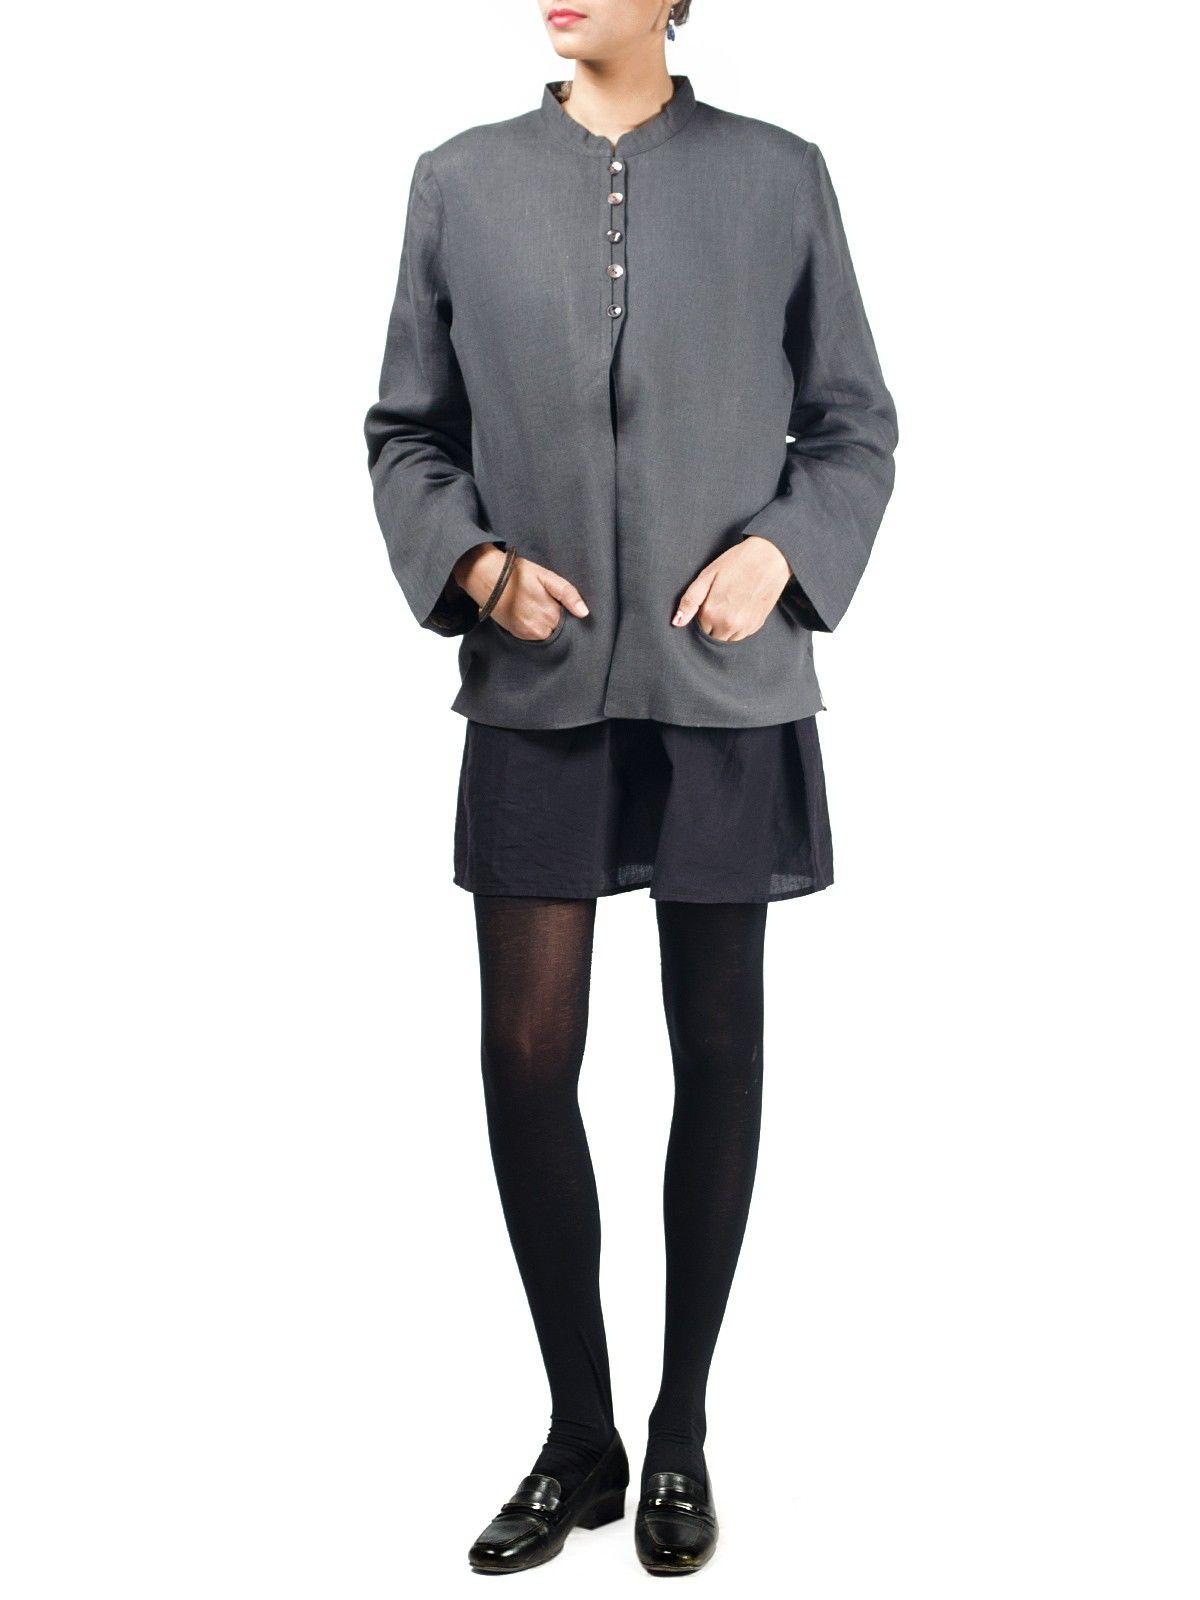 Grey linen full sleeves short winter jacket